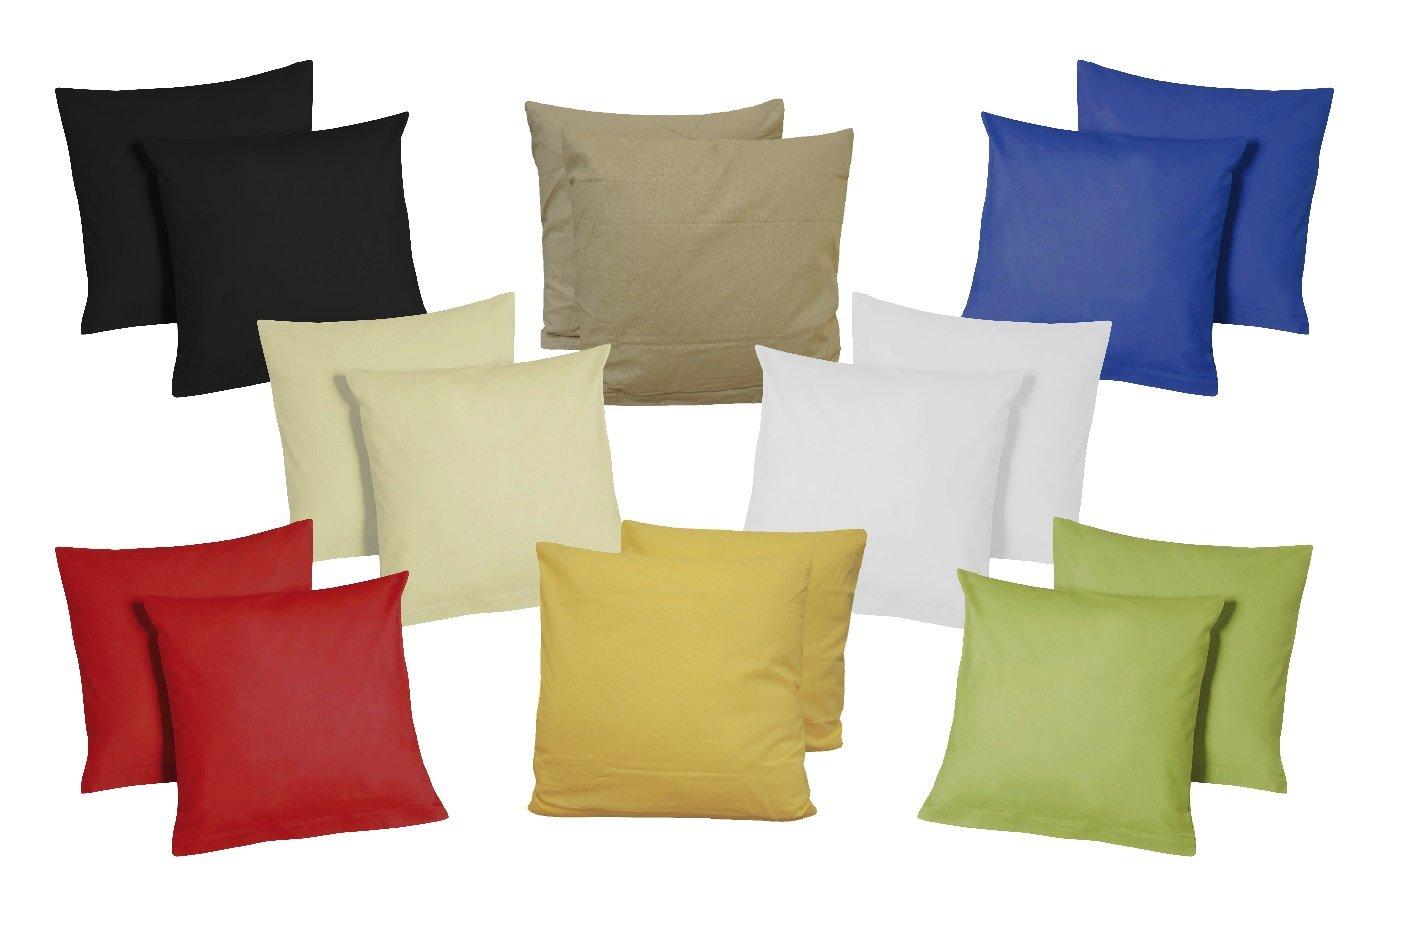 Fodera per cuscino, 40 x 40 cm, set di 2 fodere in microfibra, Cotone, Beige, 40 x 40 cm SHBV